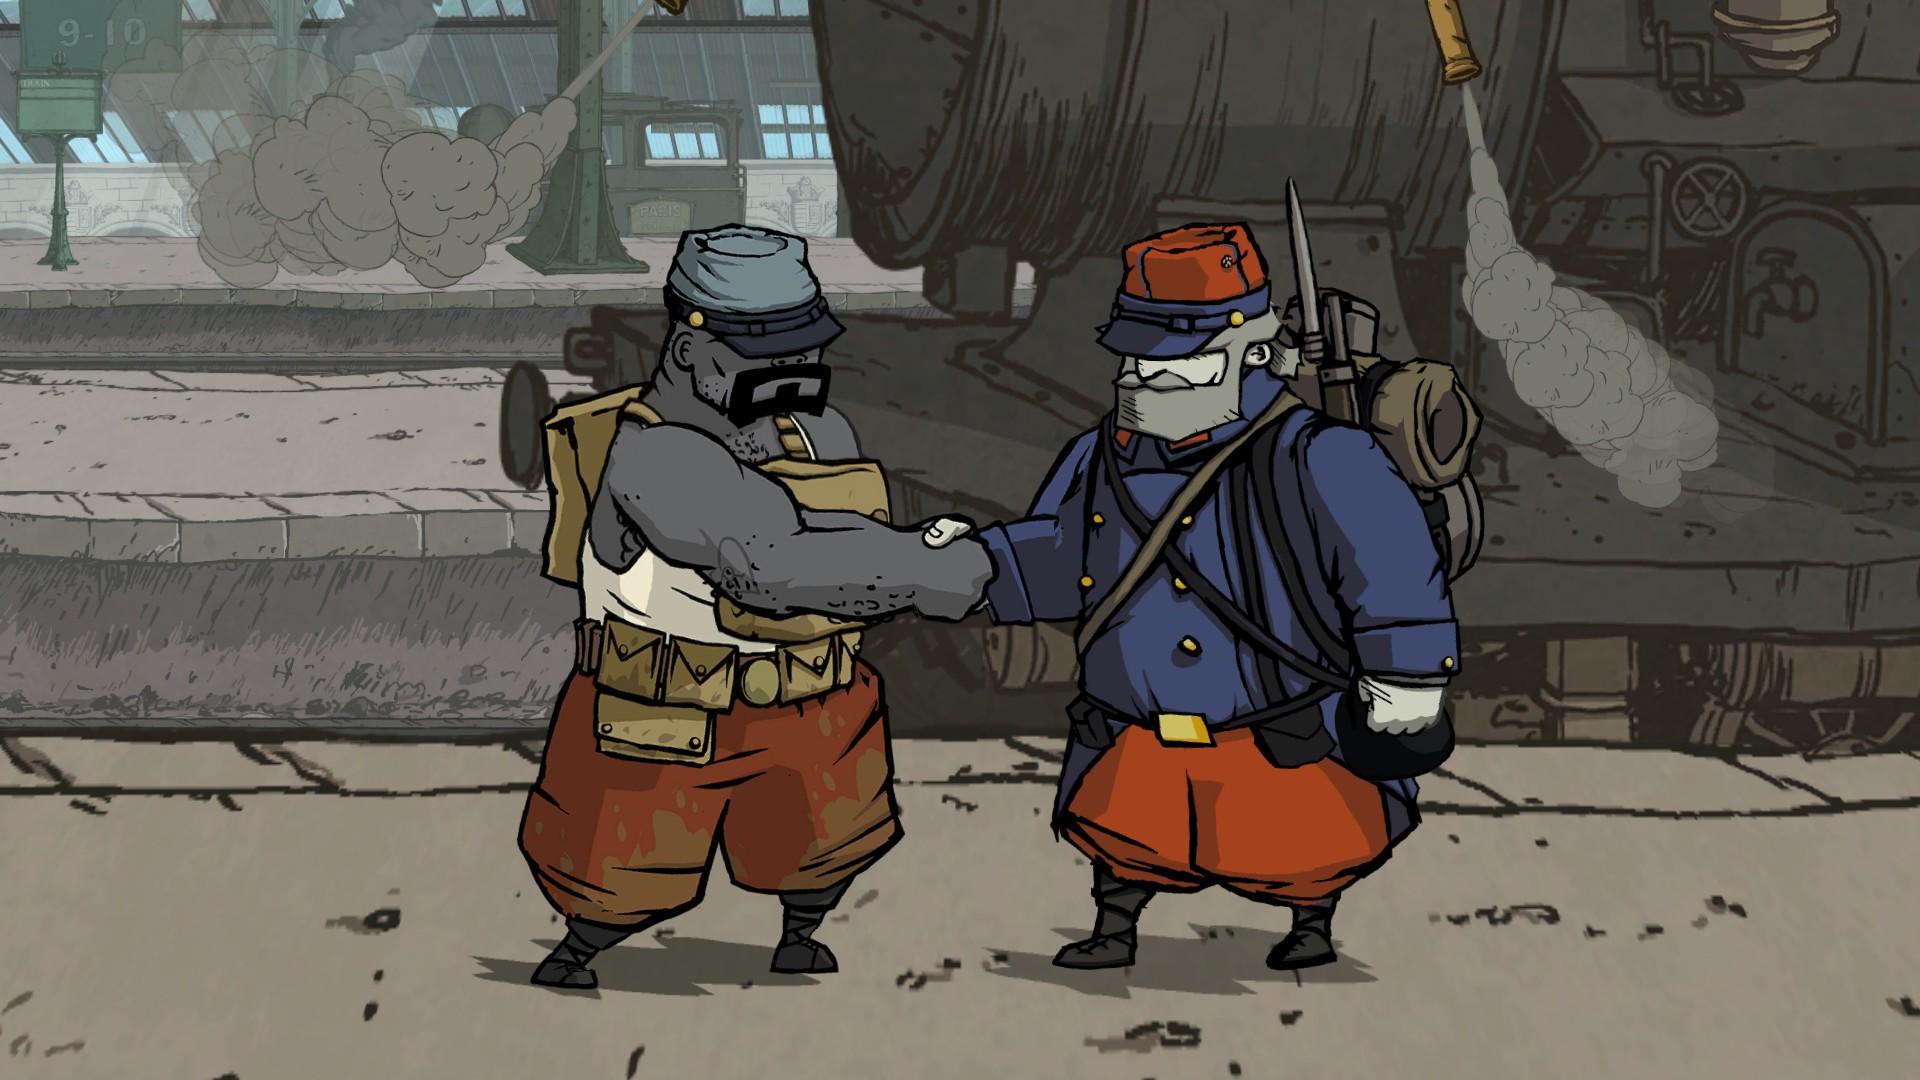 Sila priateľstva je jednou z ústredných myšlienok, ktoré hra ukazuje.